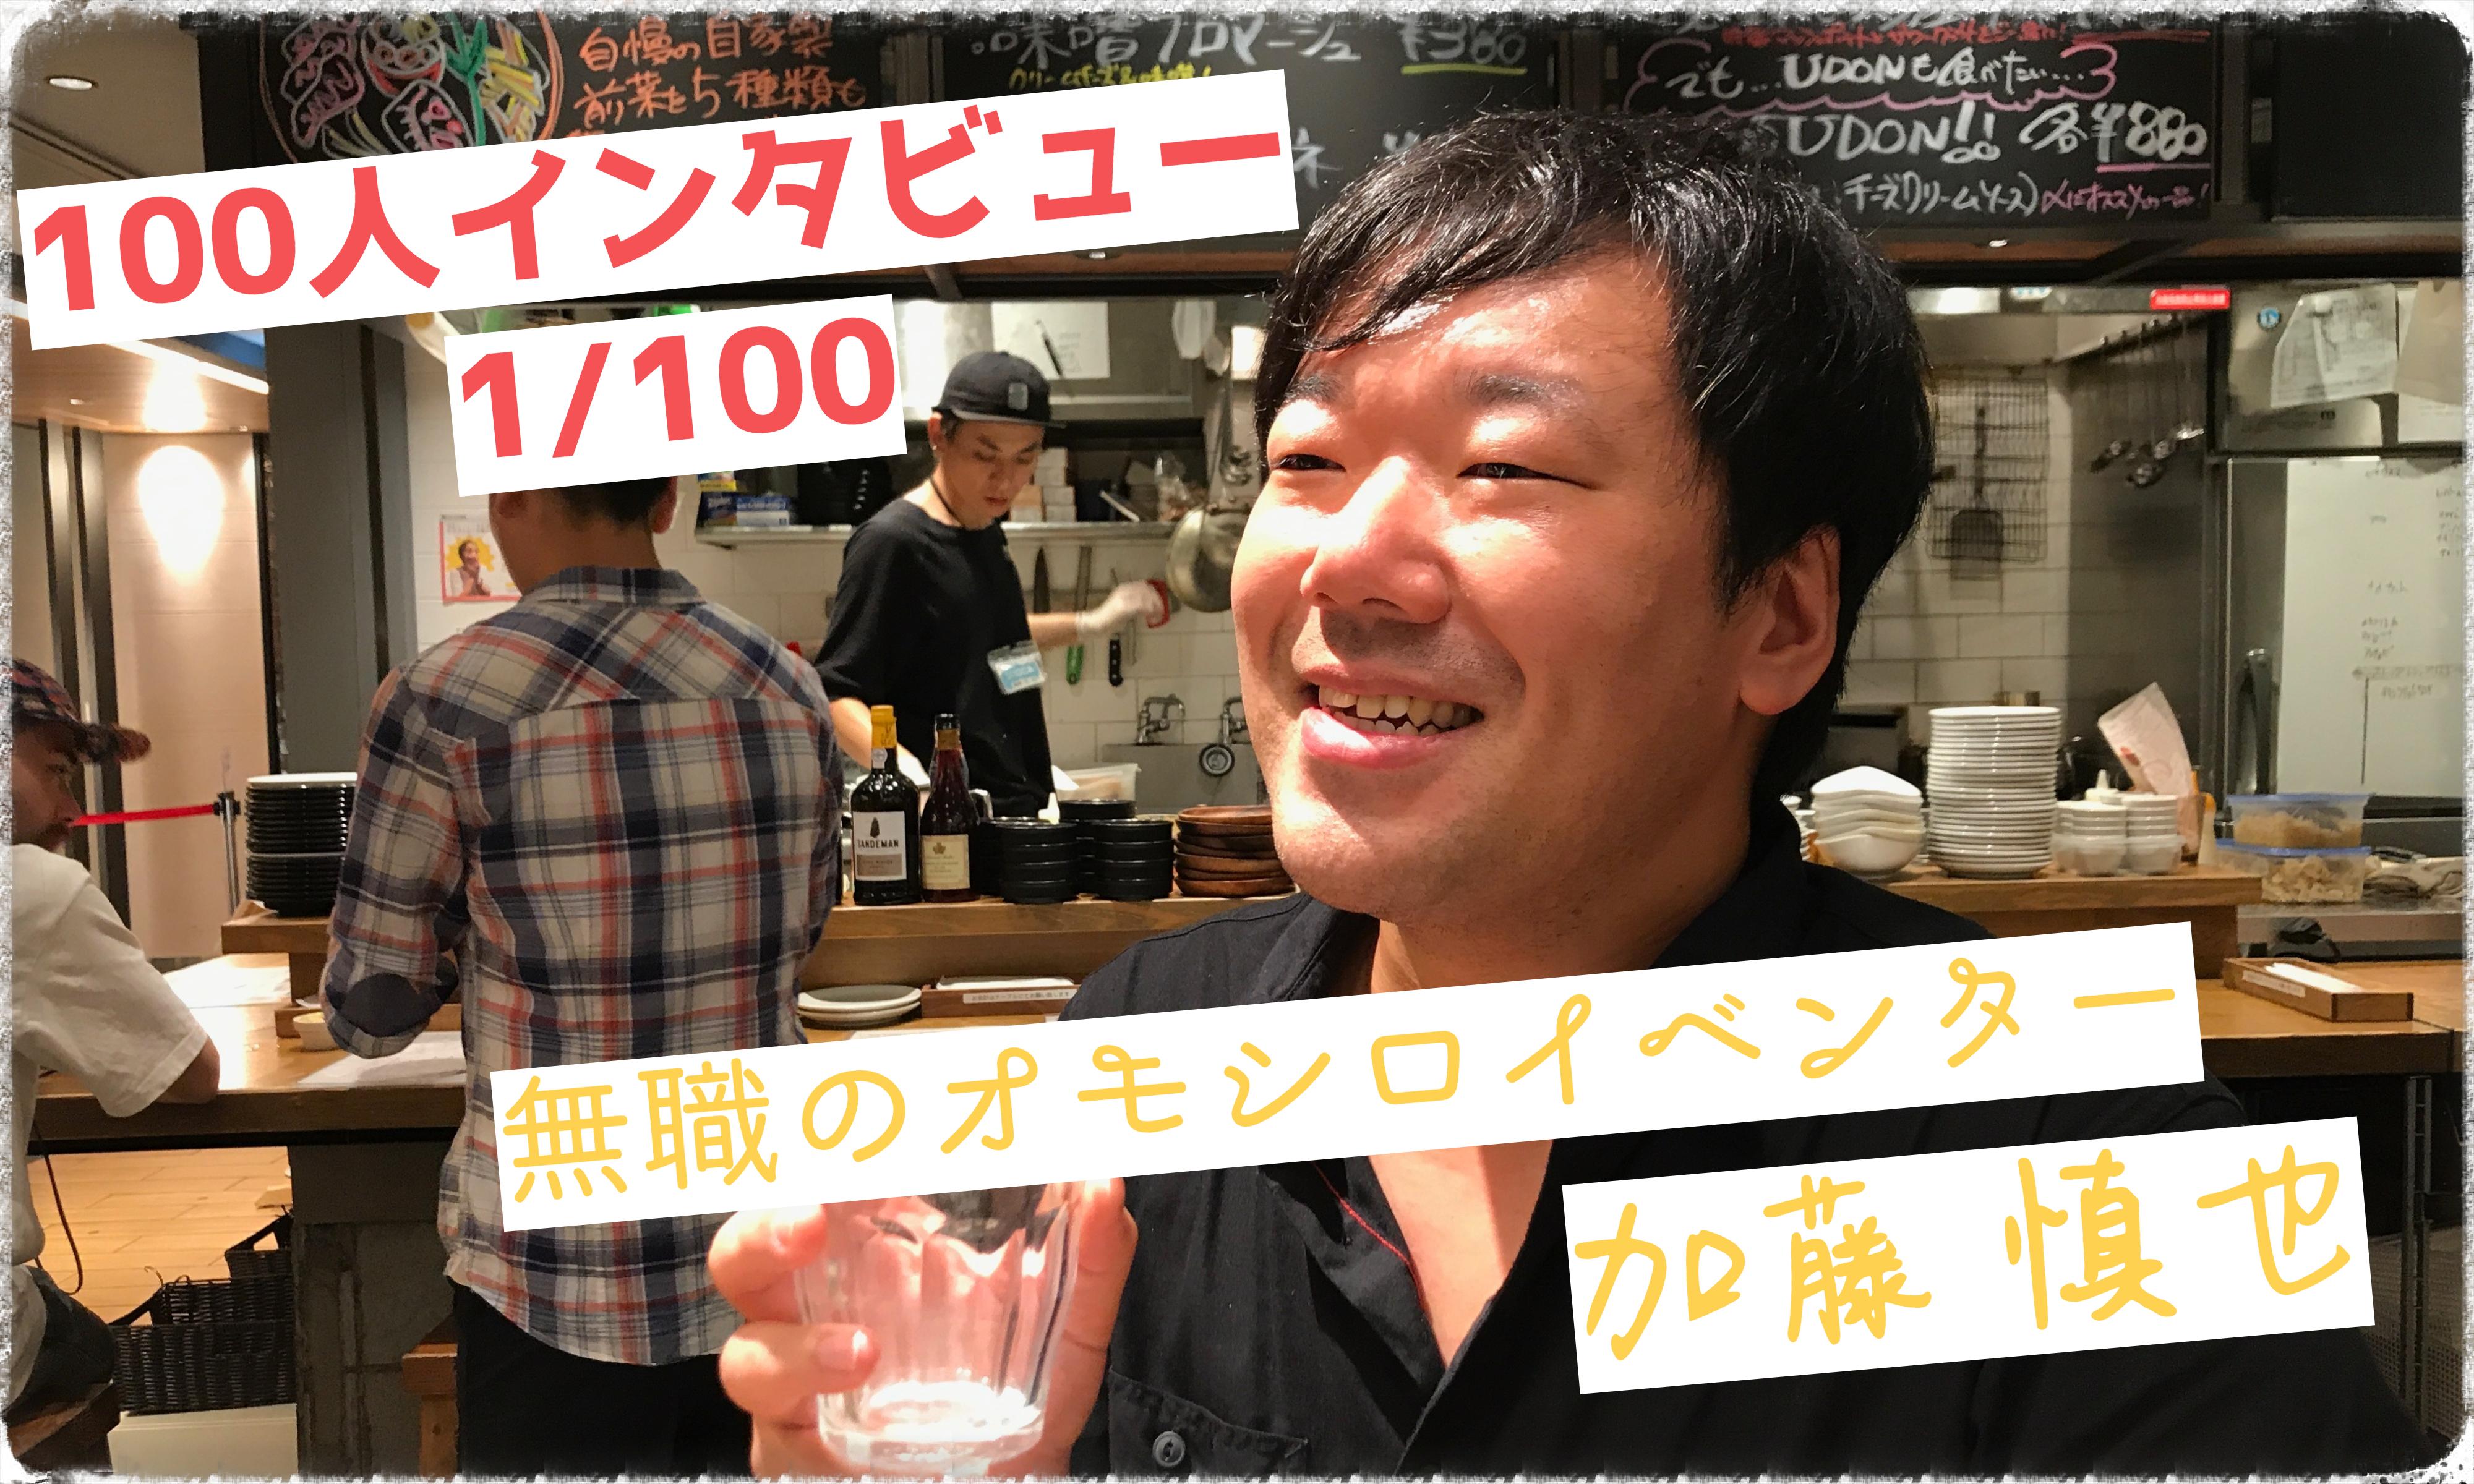 無職のオモシロイベンター 加藤 慎也(100人インタビュー)